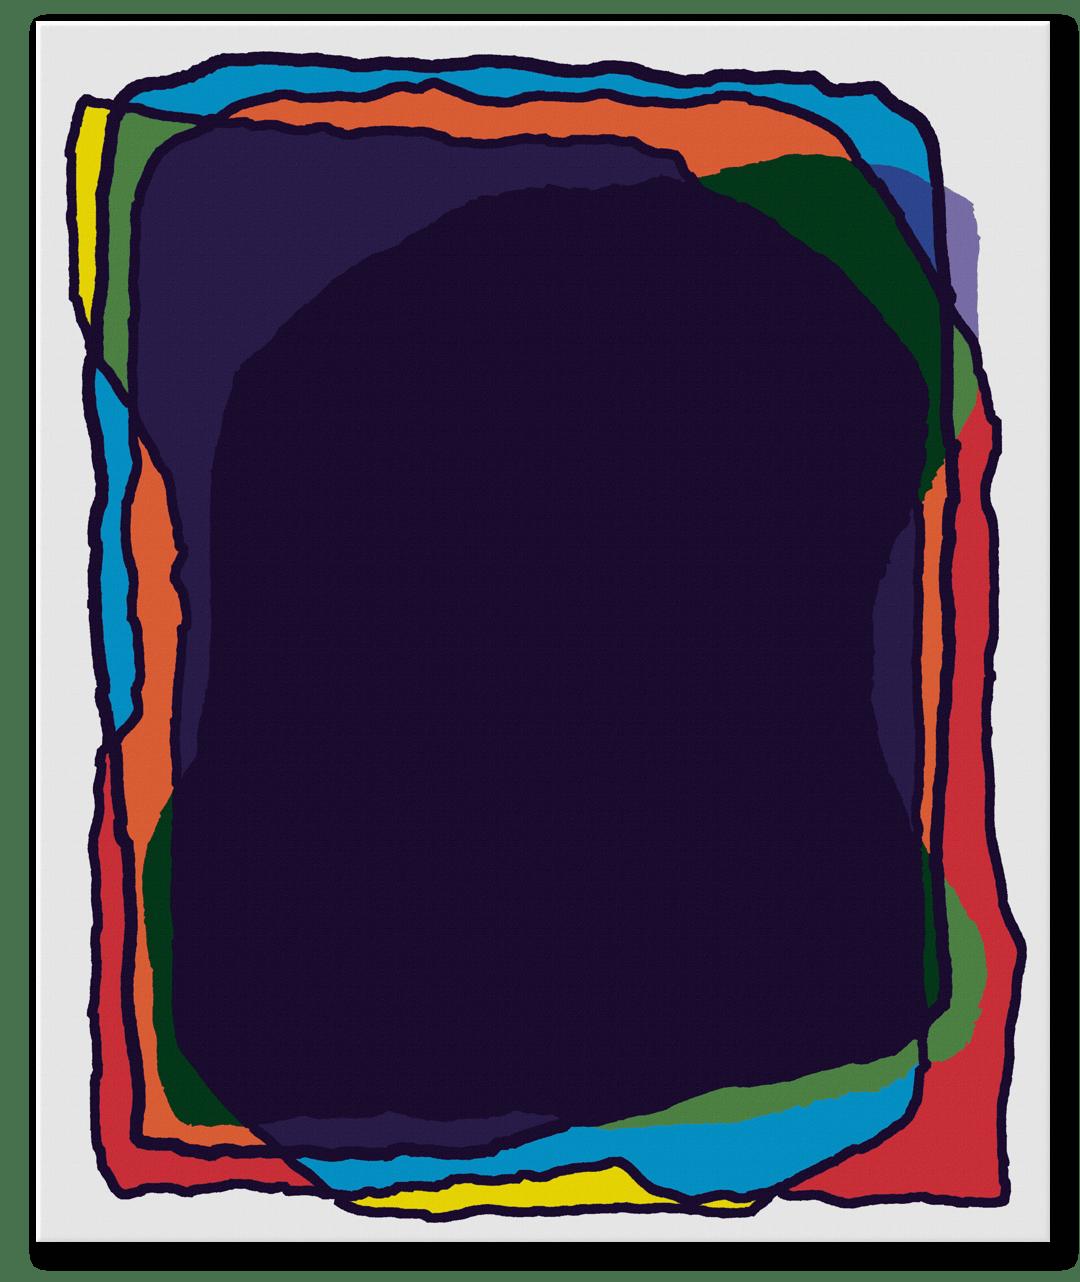 sketch02_portfolio_1